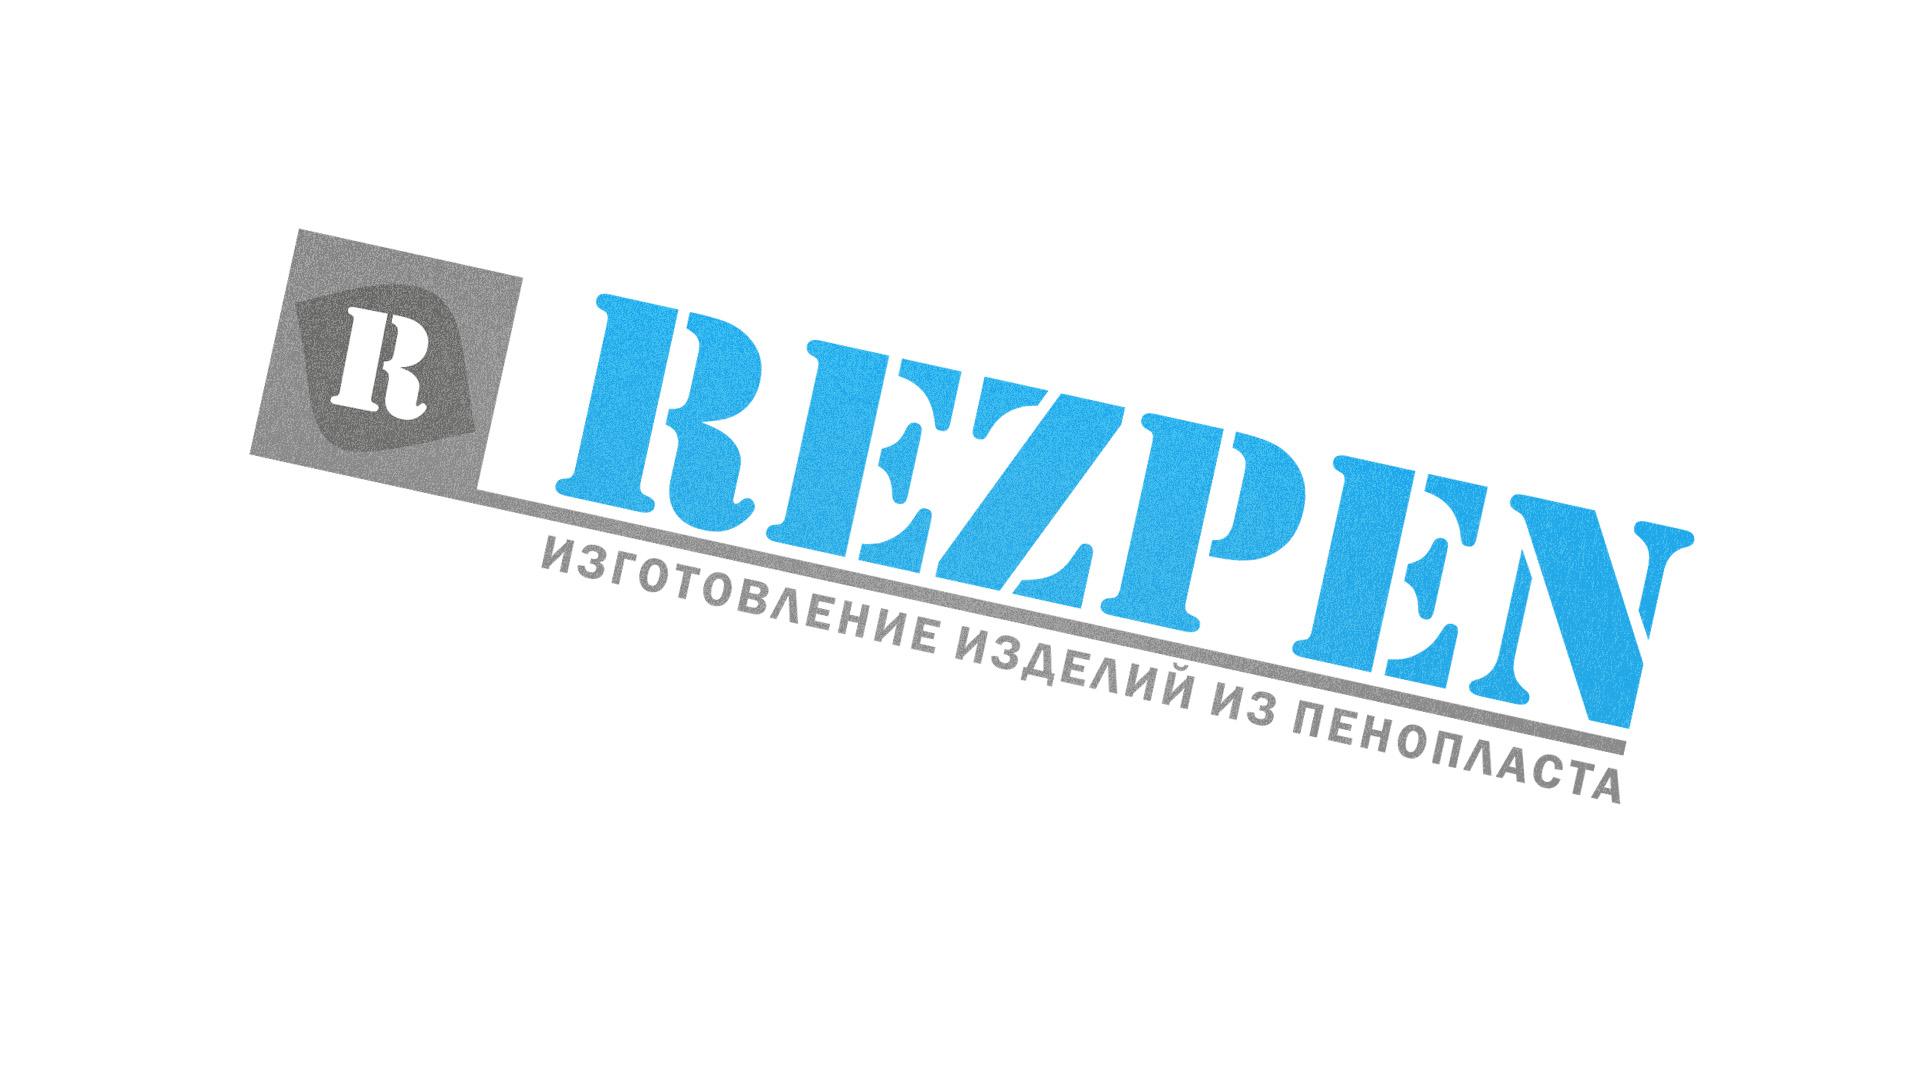 Редизайн логотипа фото f_8815a4fa6b830bac.jpg